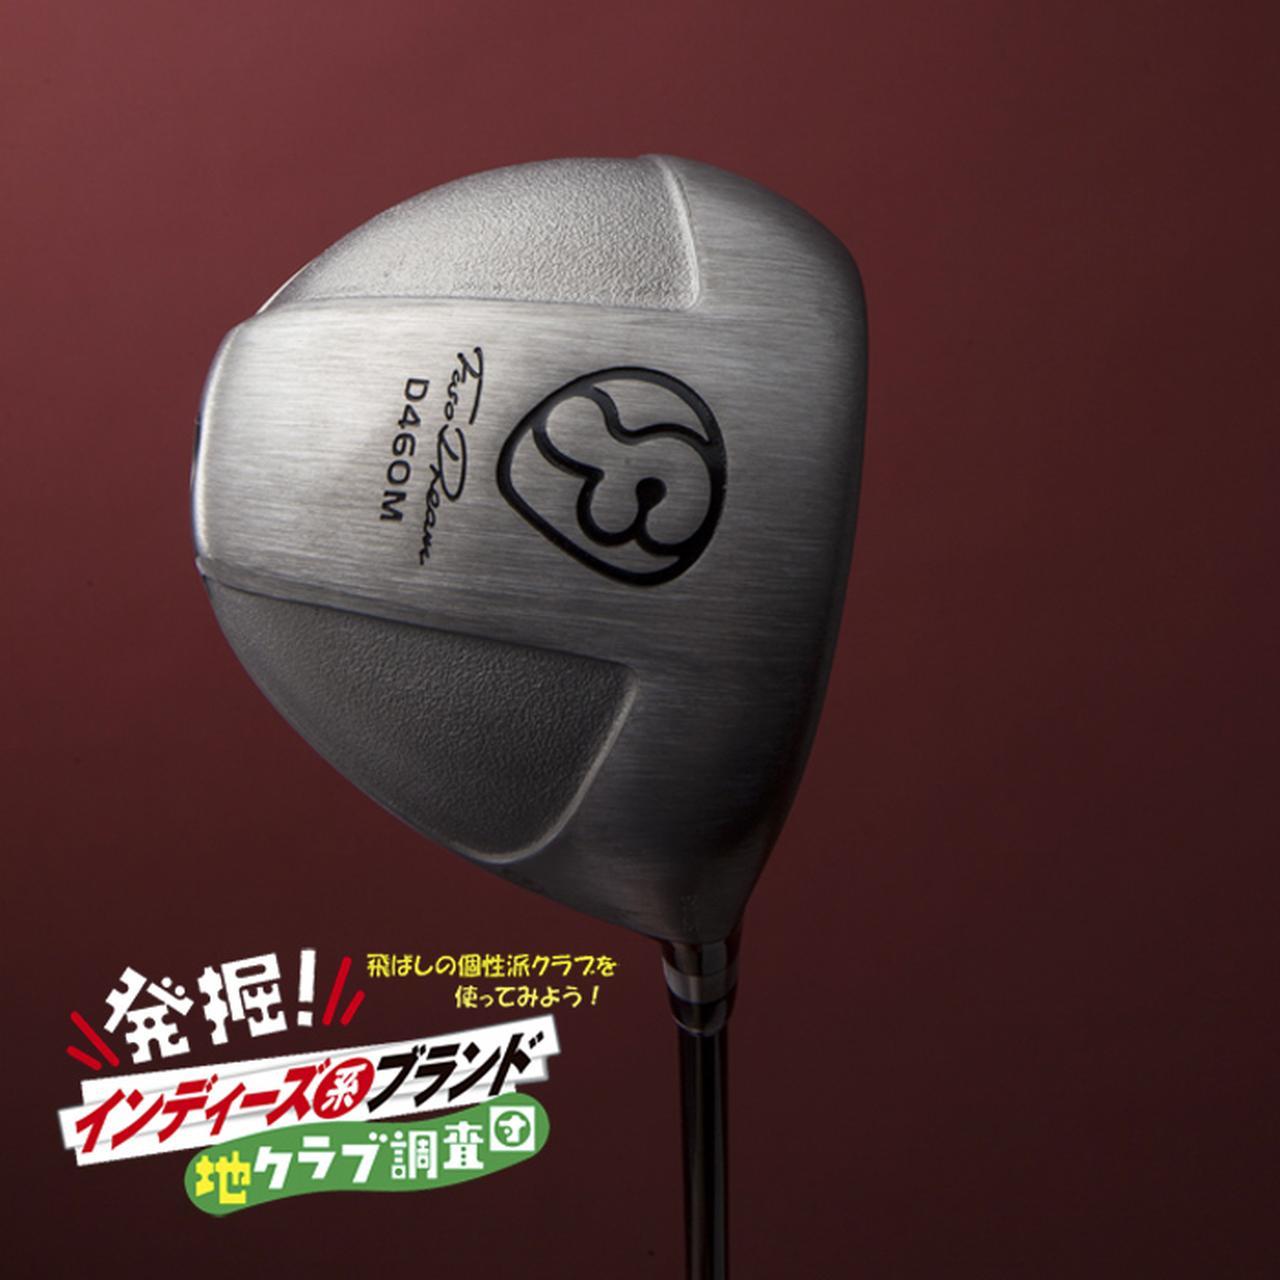 画像: 地クラブ調査隊 フソウドリームD460ドライバー ゴルフダイジェスト公式通販サイト「ゴルフポケット」